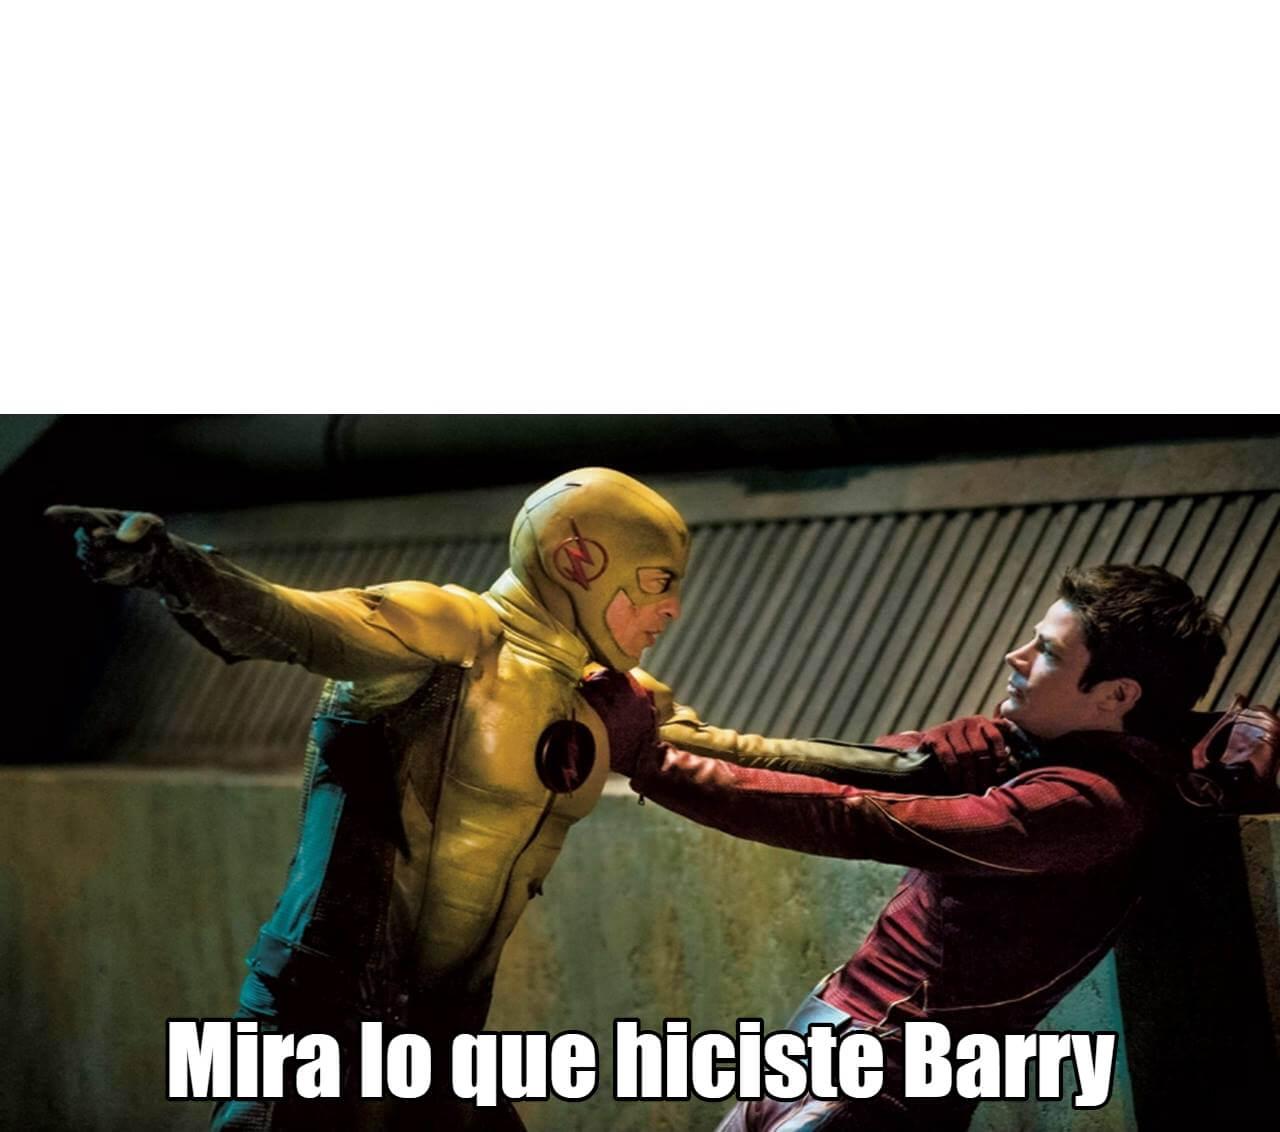 Ir a la pagina de la plantilla Mira lo que hiciste Barry.